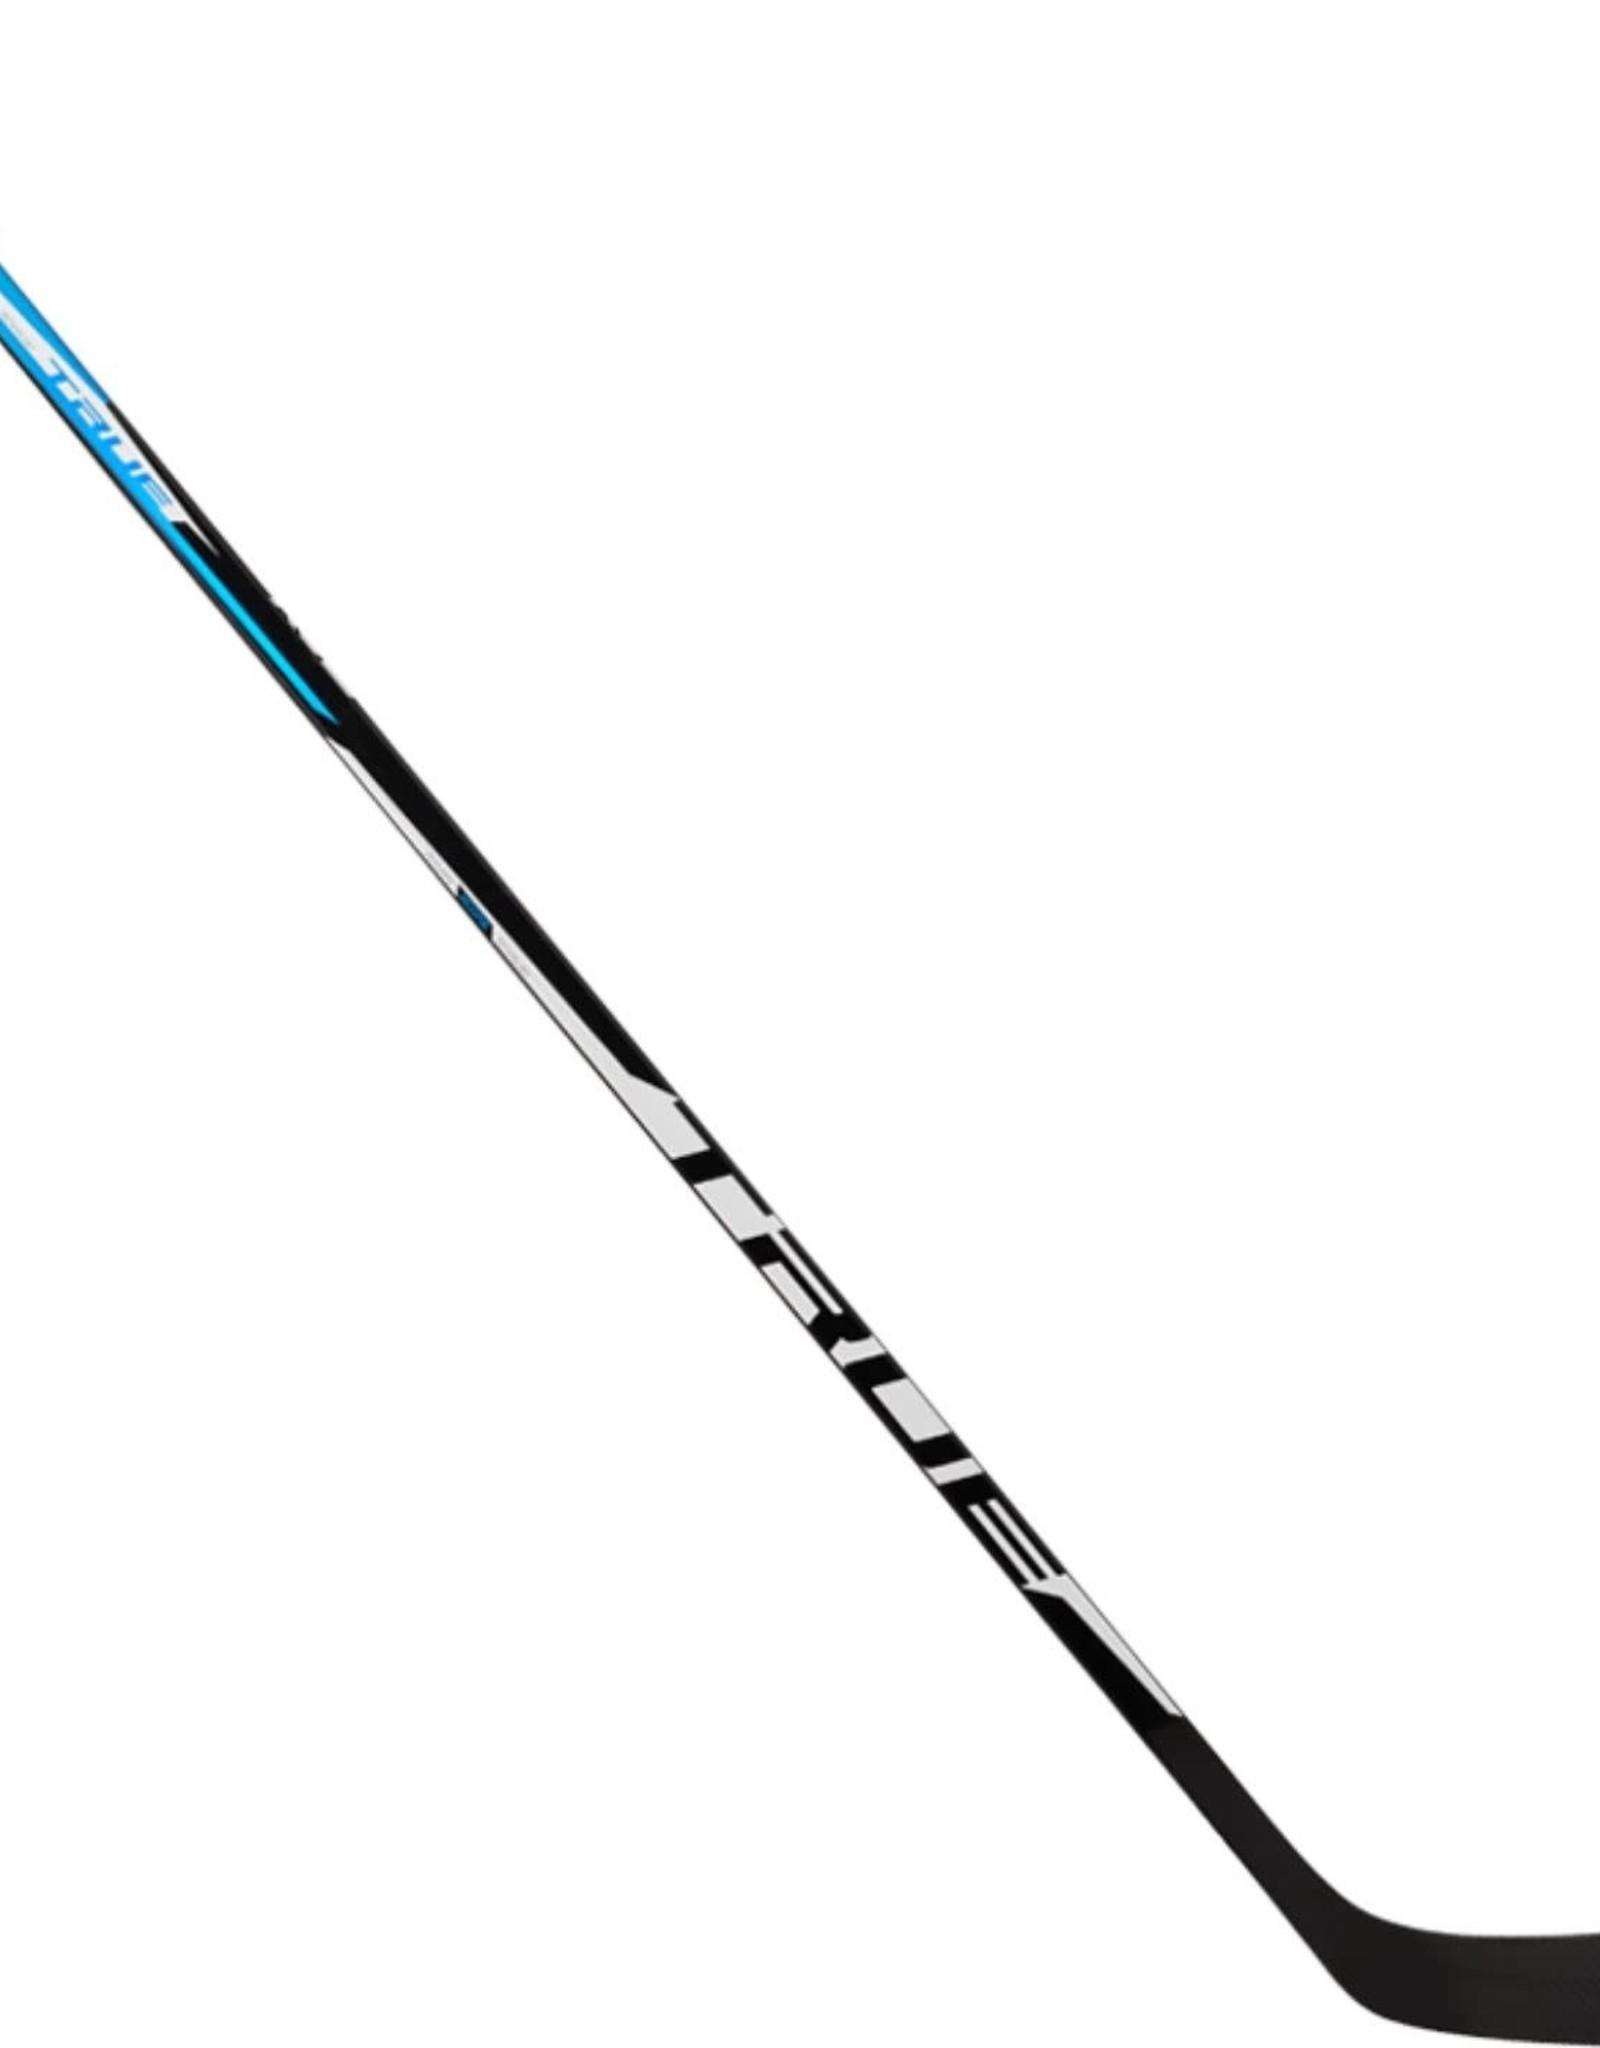 TRUE TRUE XC5 ACF Grip Composite Stick (INTERMEDIATE)